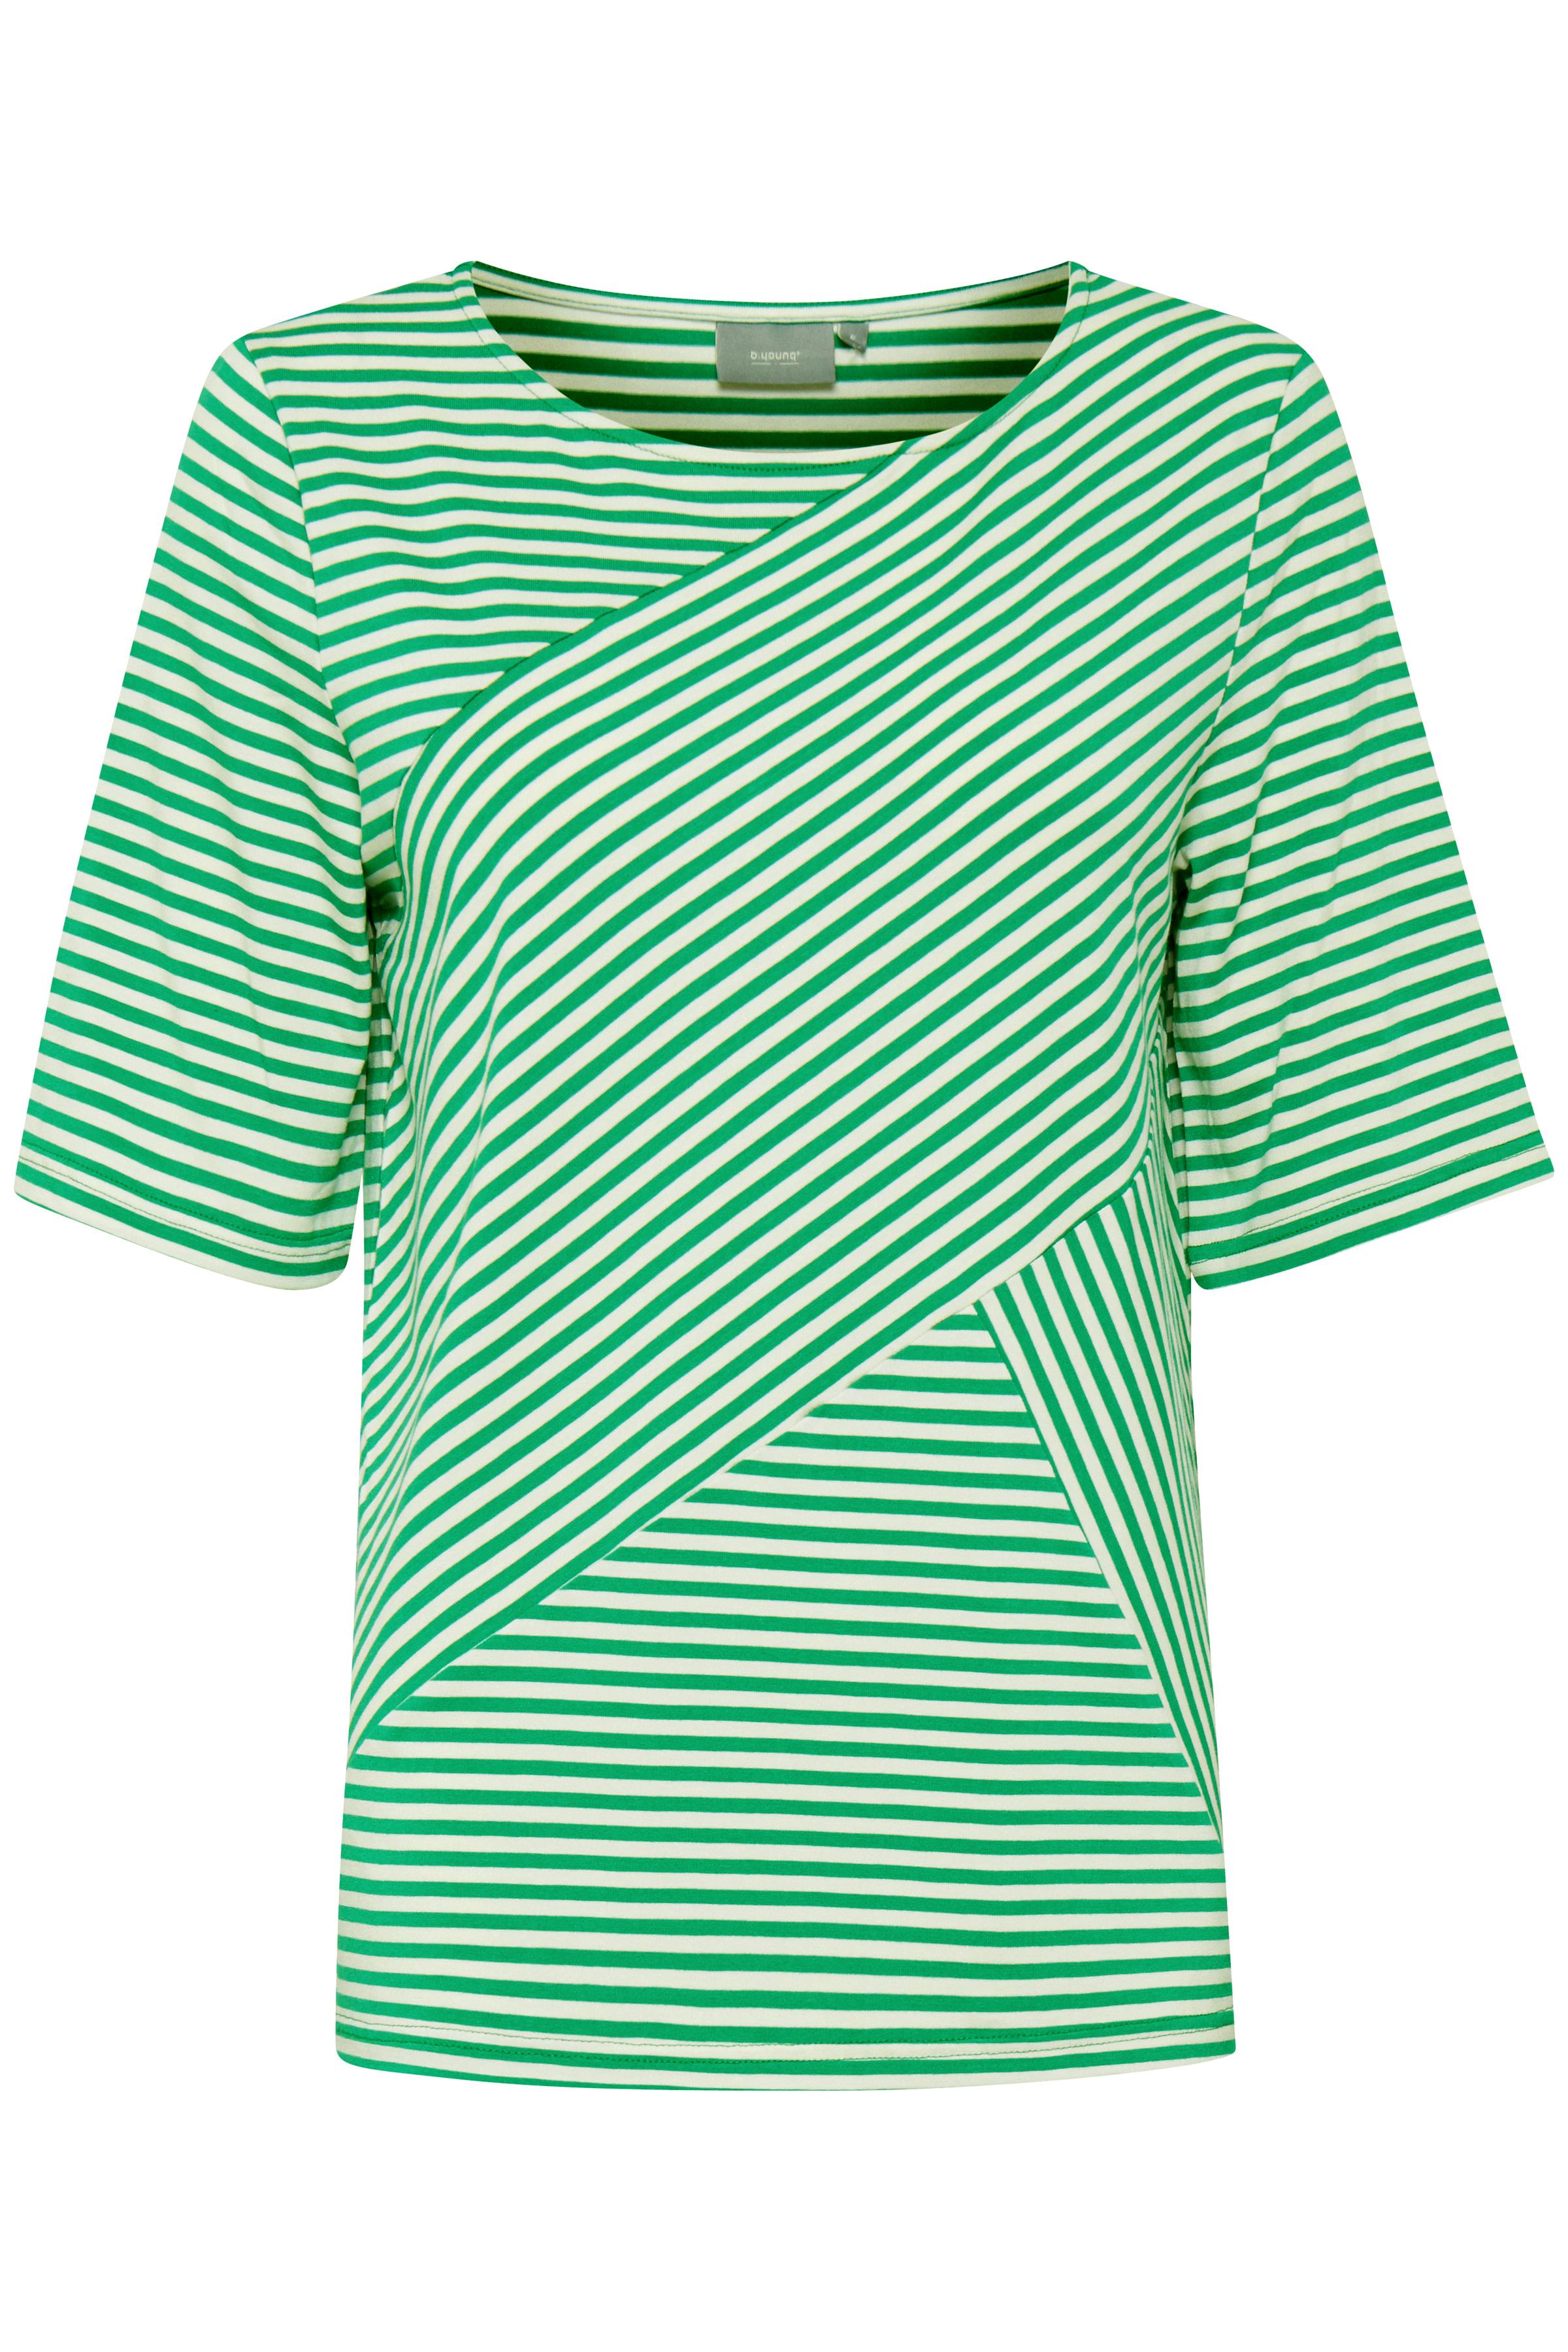 Vit/grön